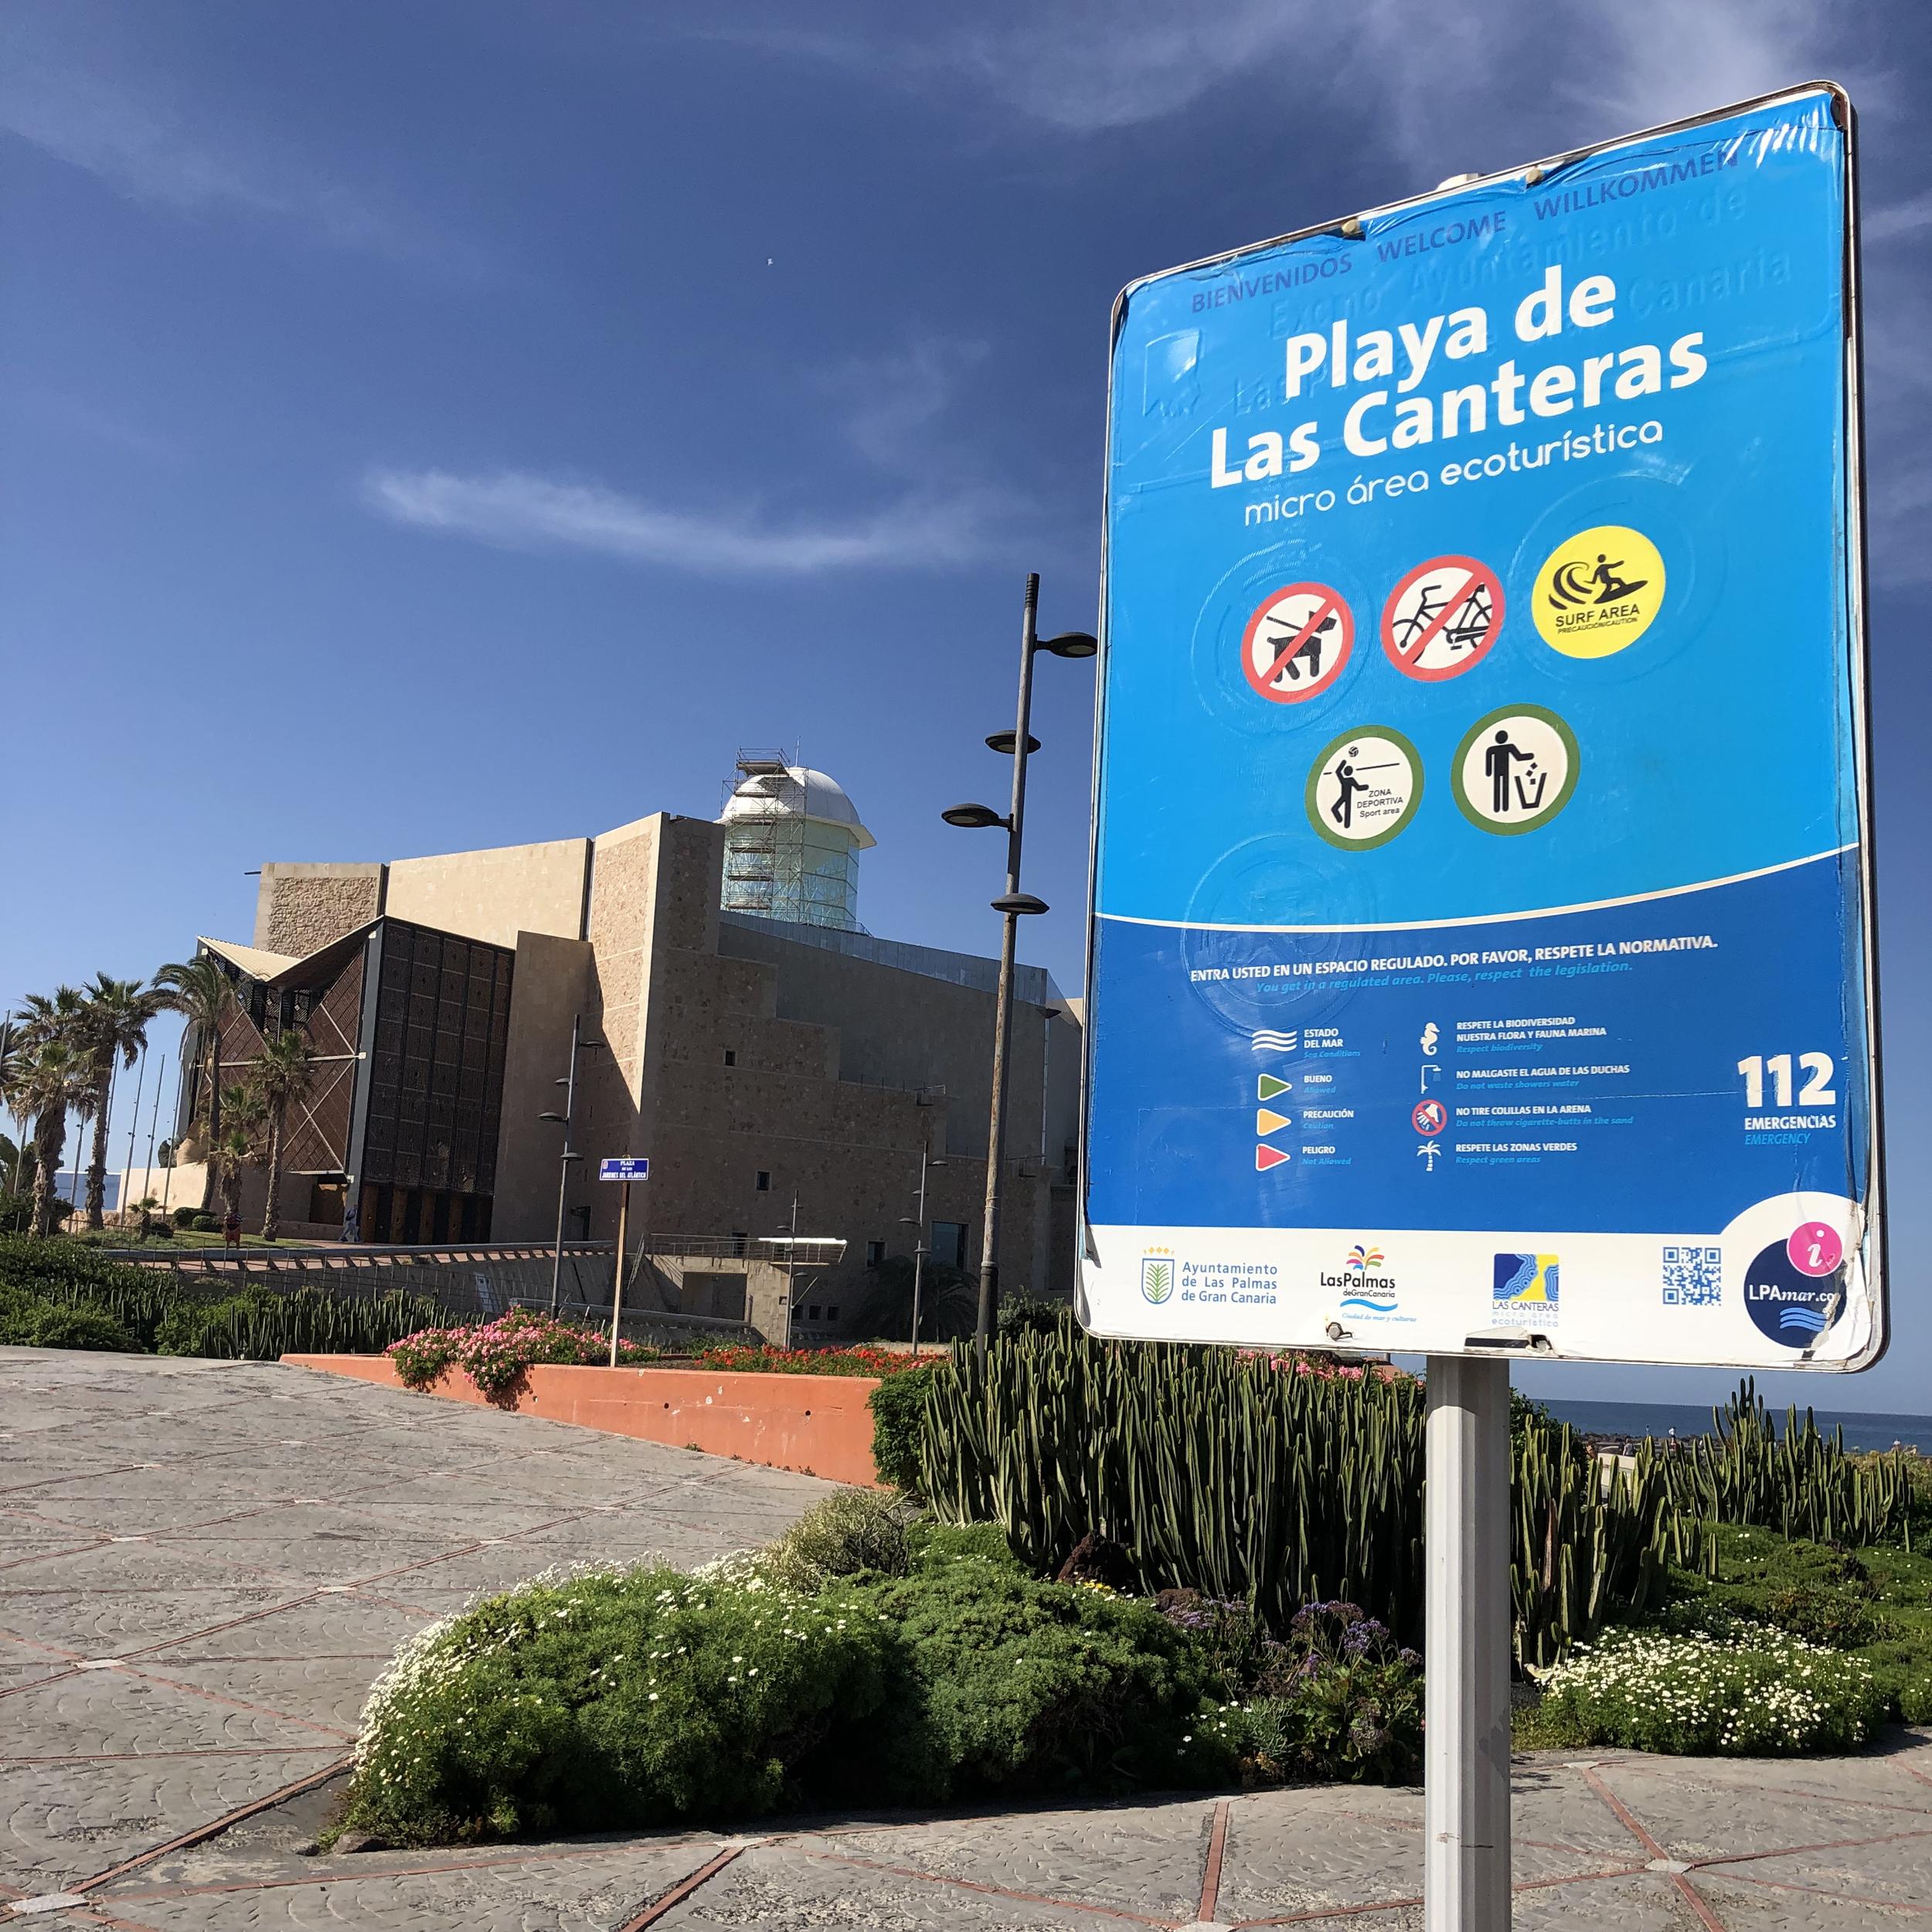 Prohibido pasear perros en la zona turística de Las Palmas de Gran Canaria.